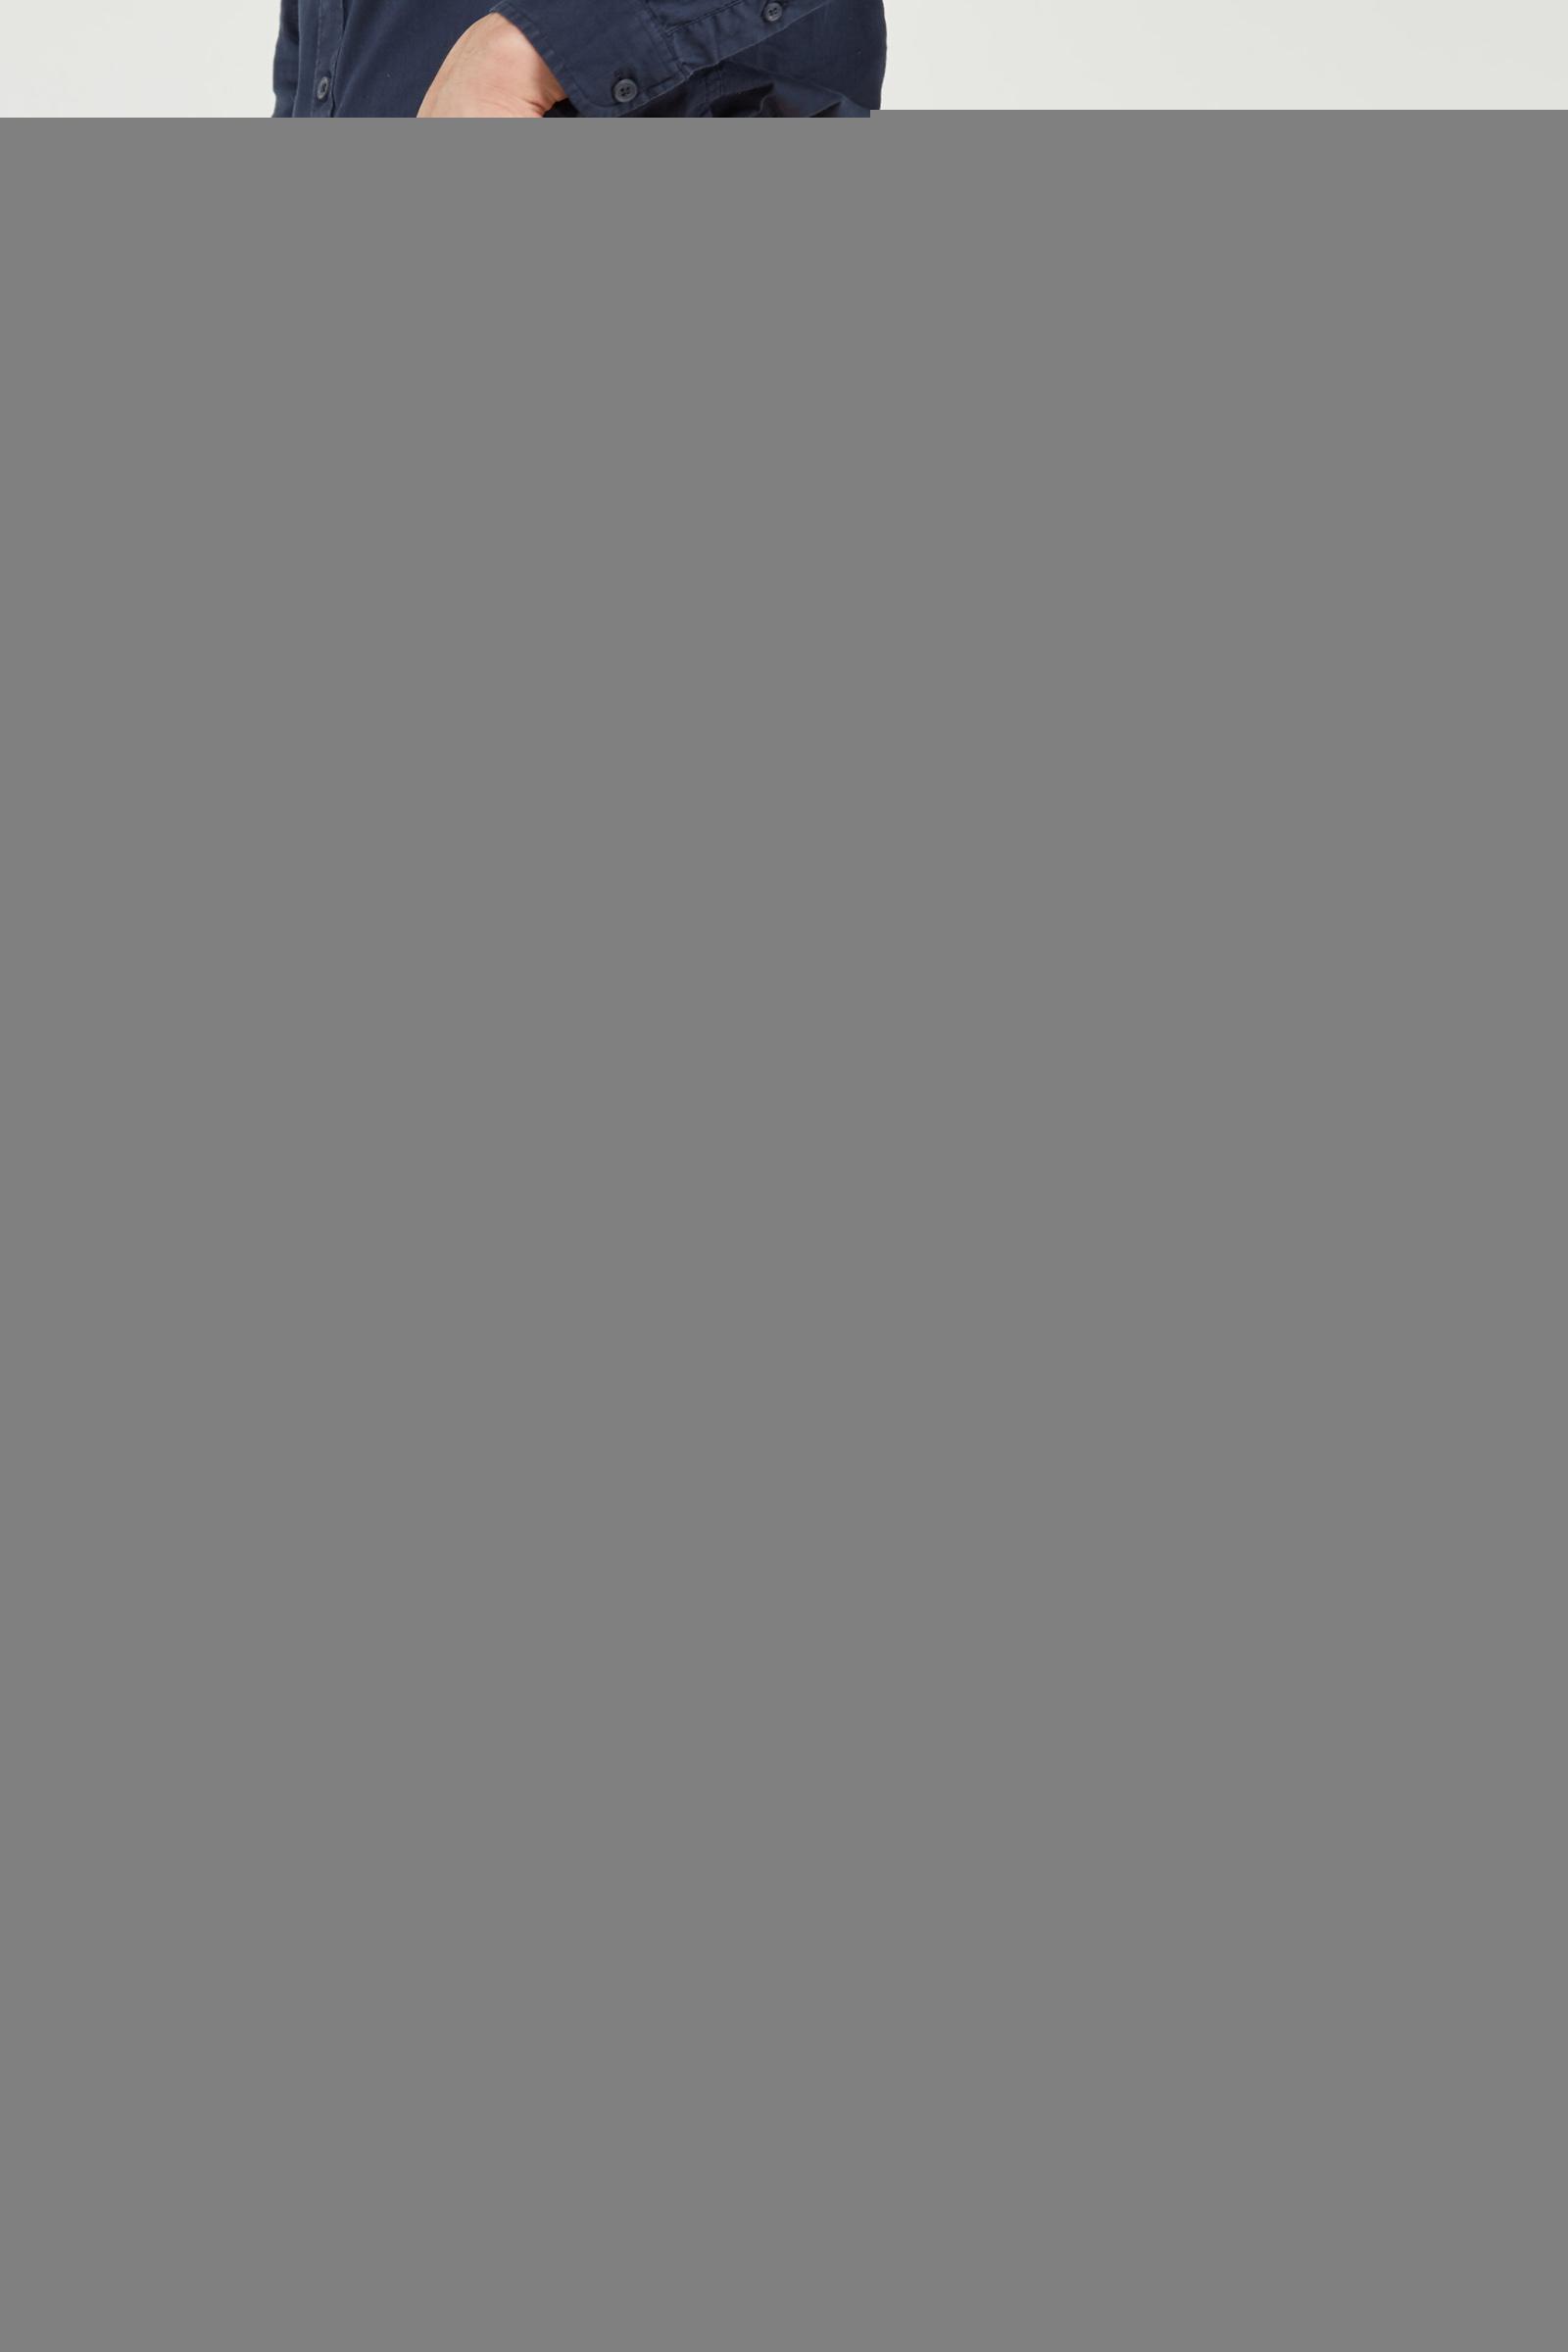 KOAJ-PANTALON KOAJ DRILL 5 BOL SLIM 7 4/19